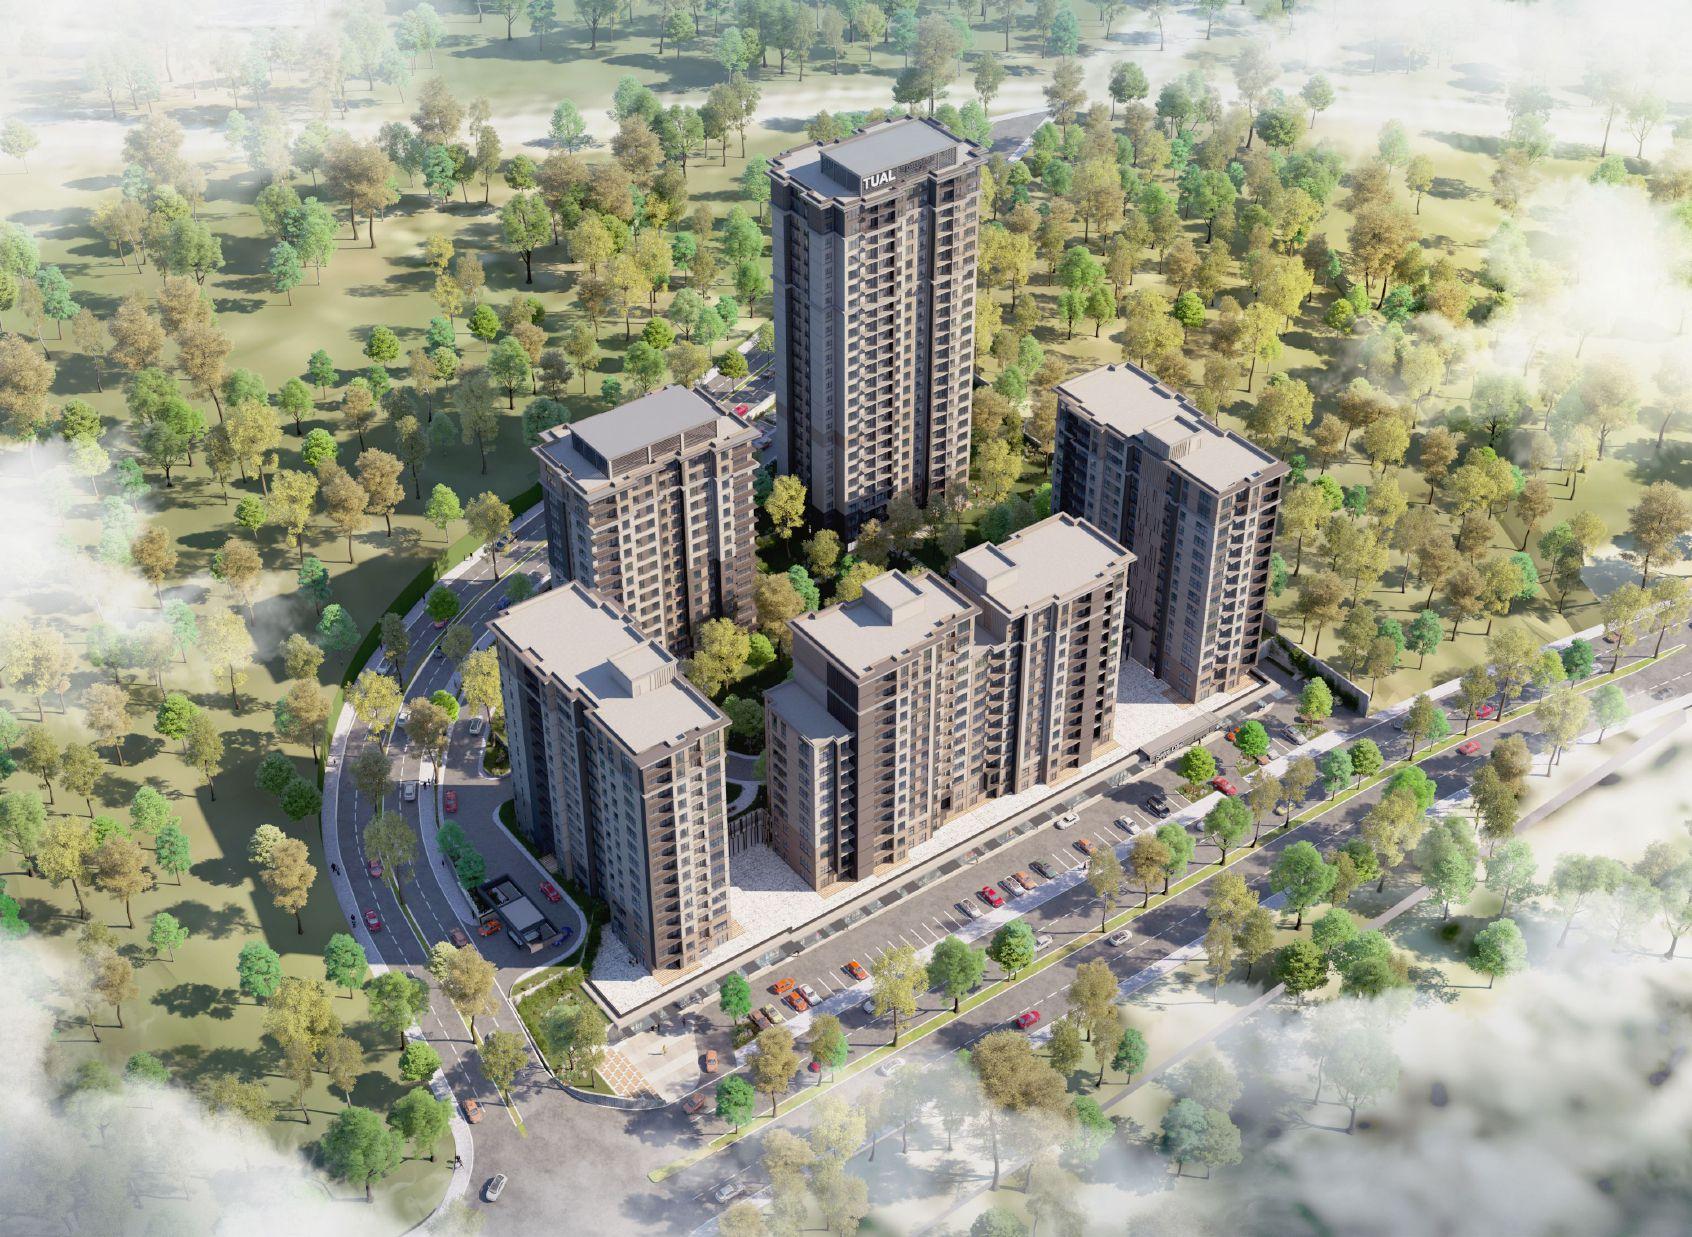 مشروع استثماري سكني في اسطنبول اسبارطة كولي كود المشروع (IC 59)